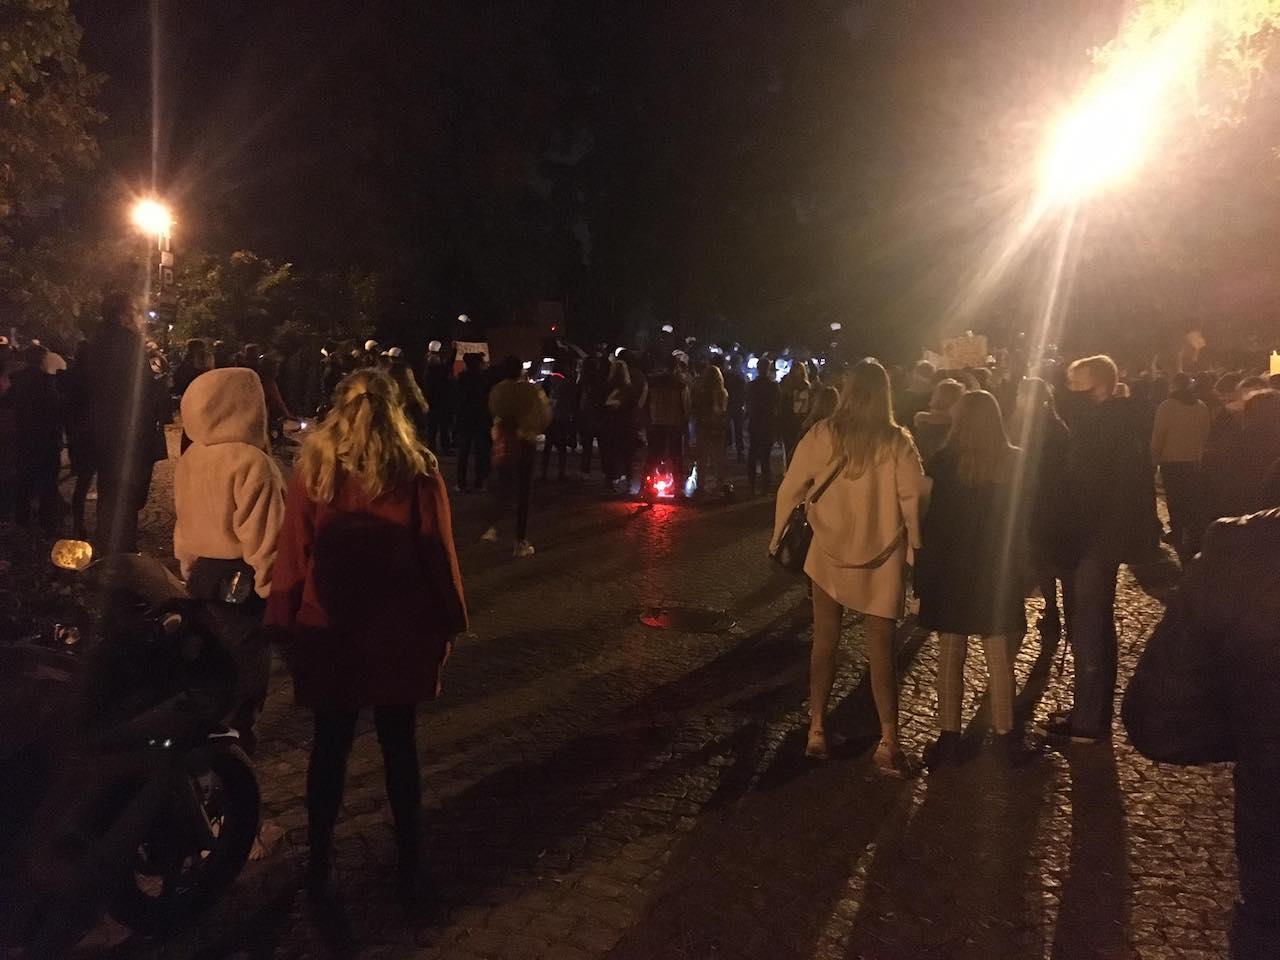 strajk protest ostrów tumski katedra aborcja - Jacek Butlewski - Radio Poznań